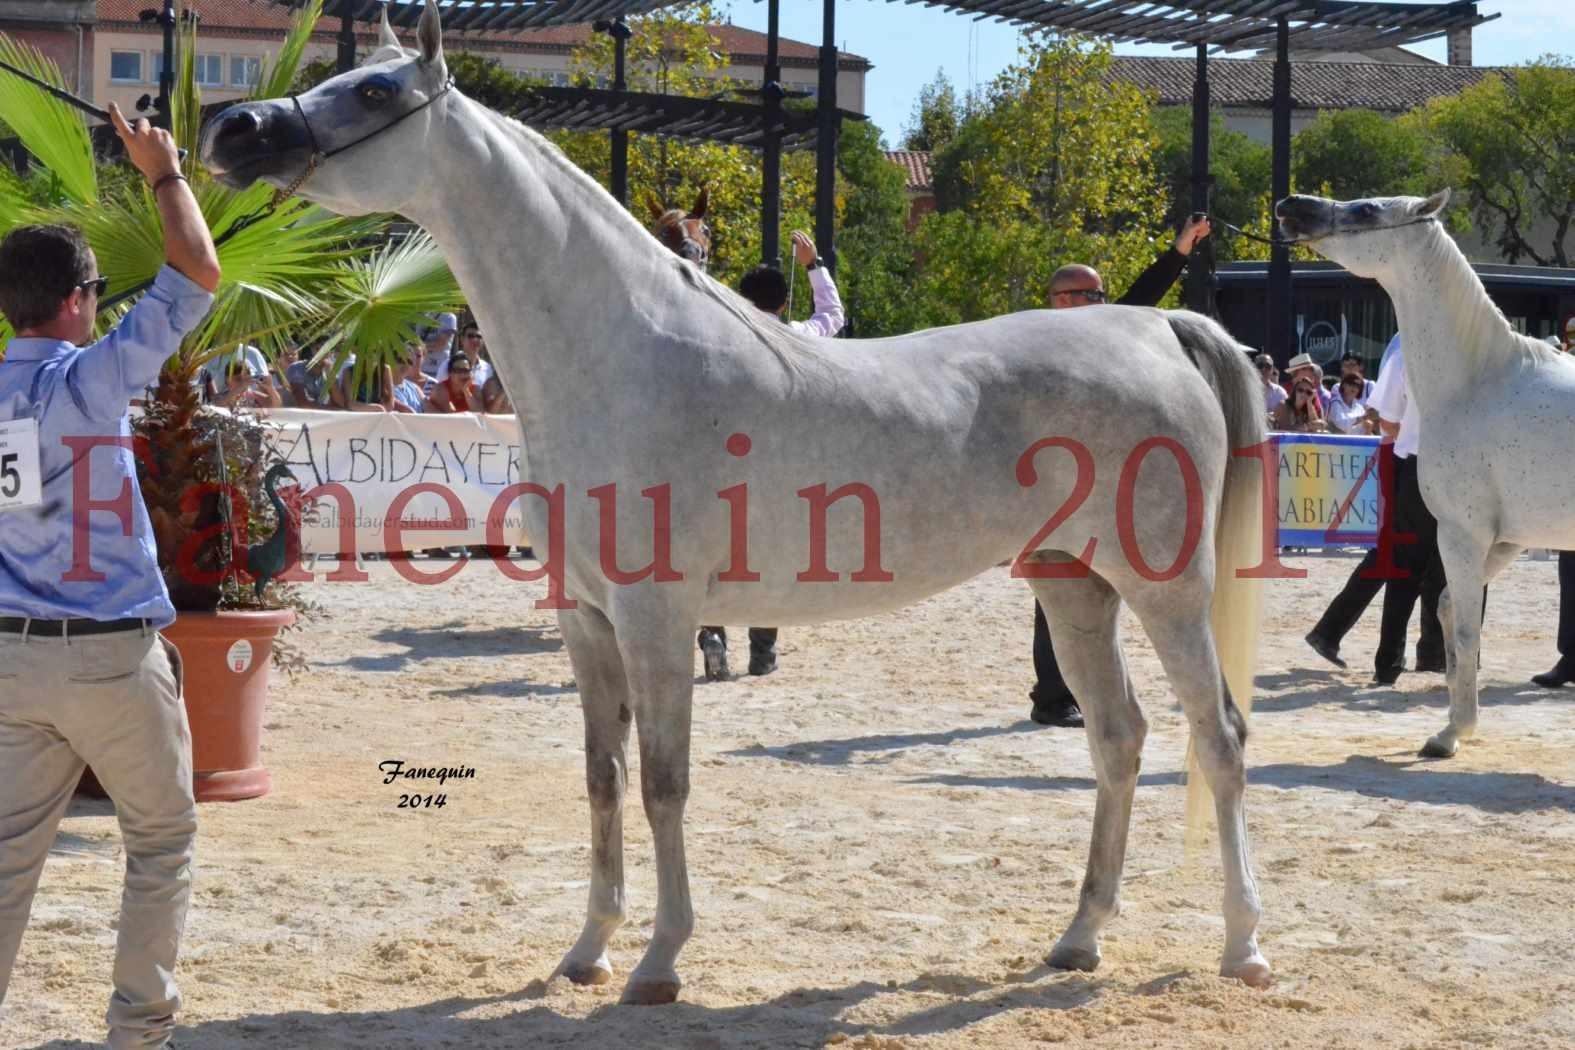 Concours National de Nîmes de chevaux ARABES 2014 - Notre Sélection - ELLESTERA - 05